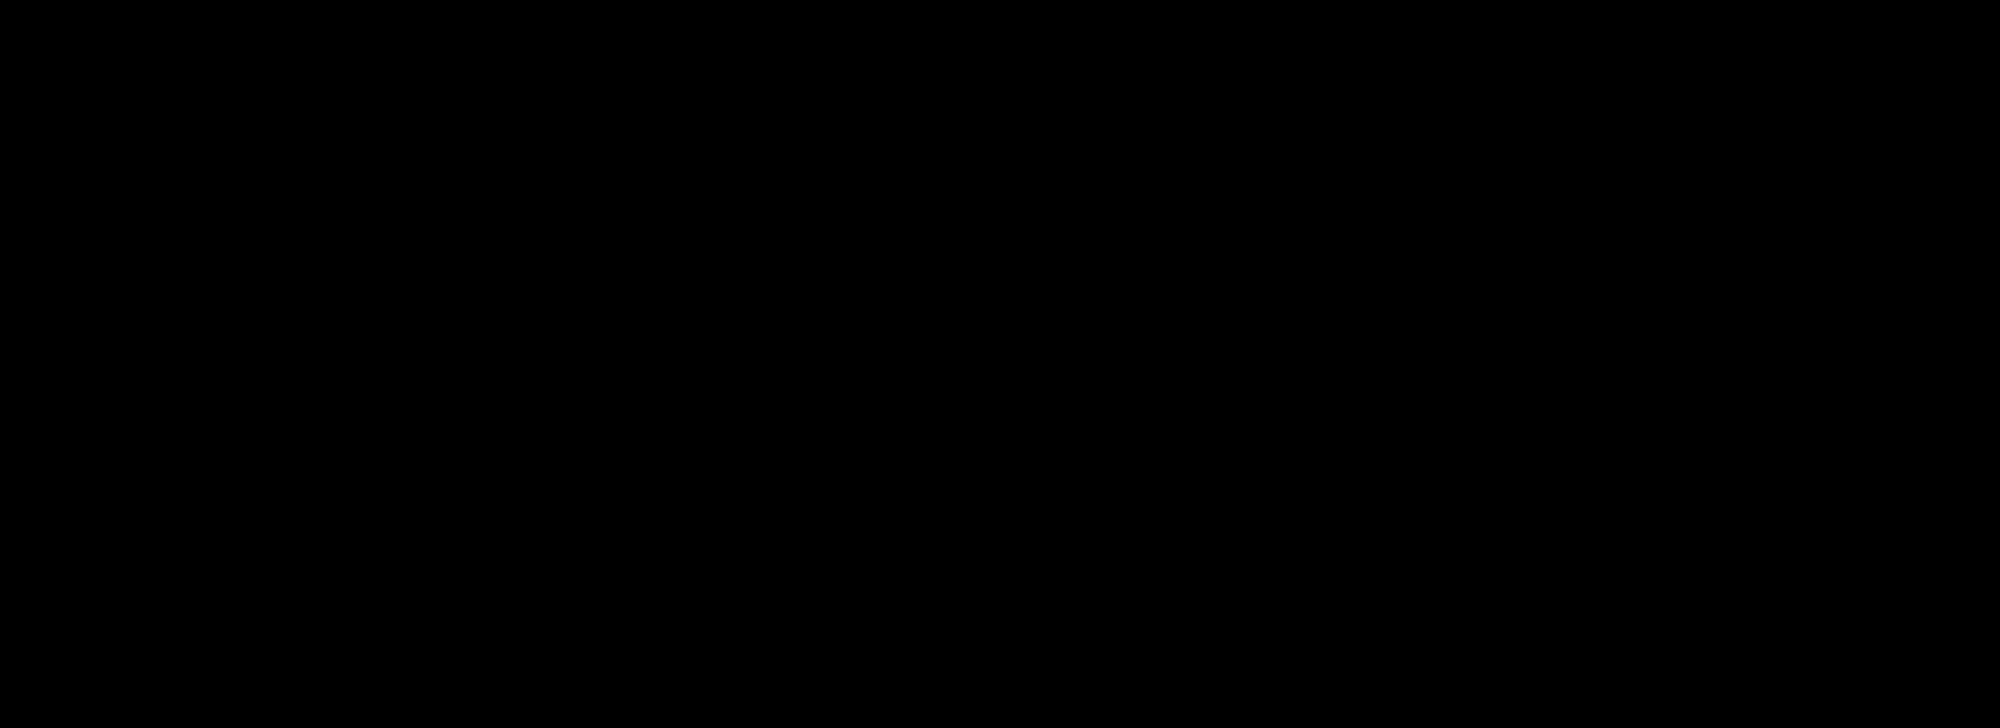 20131227_LindnerRecht_logo_final